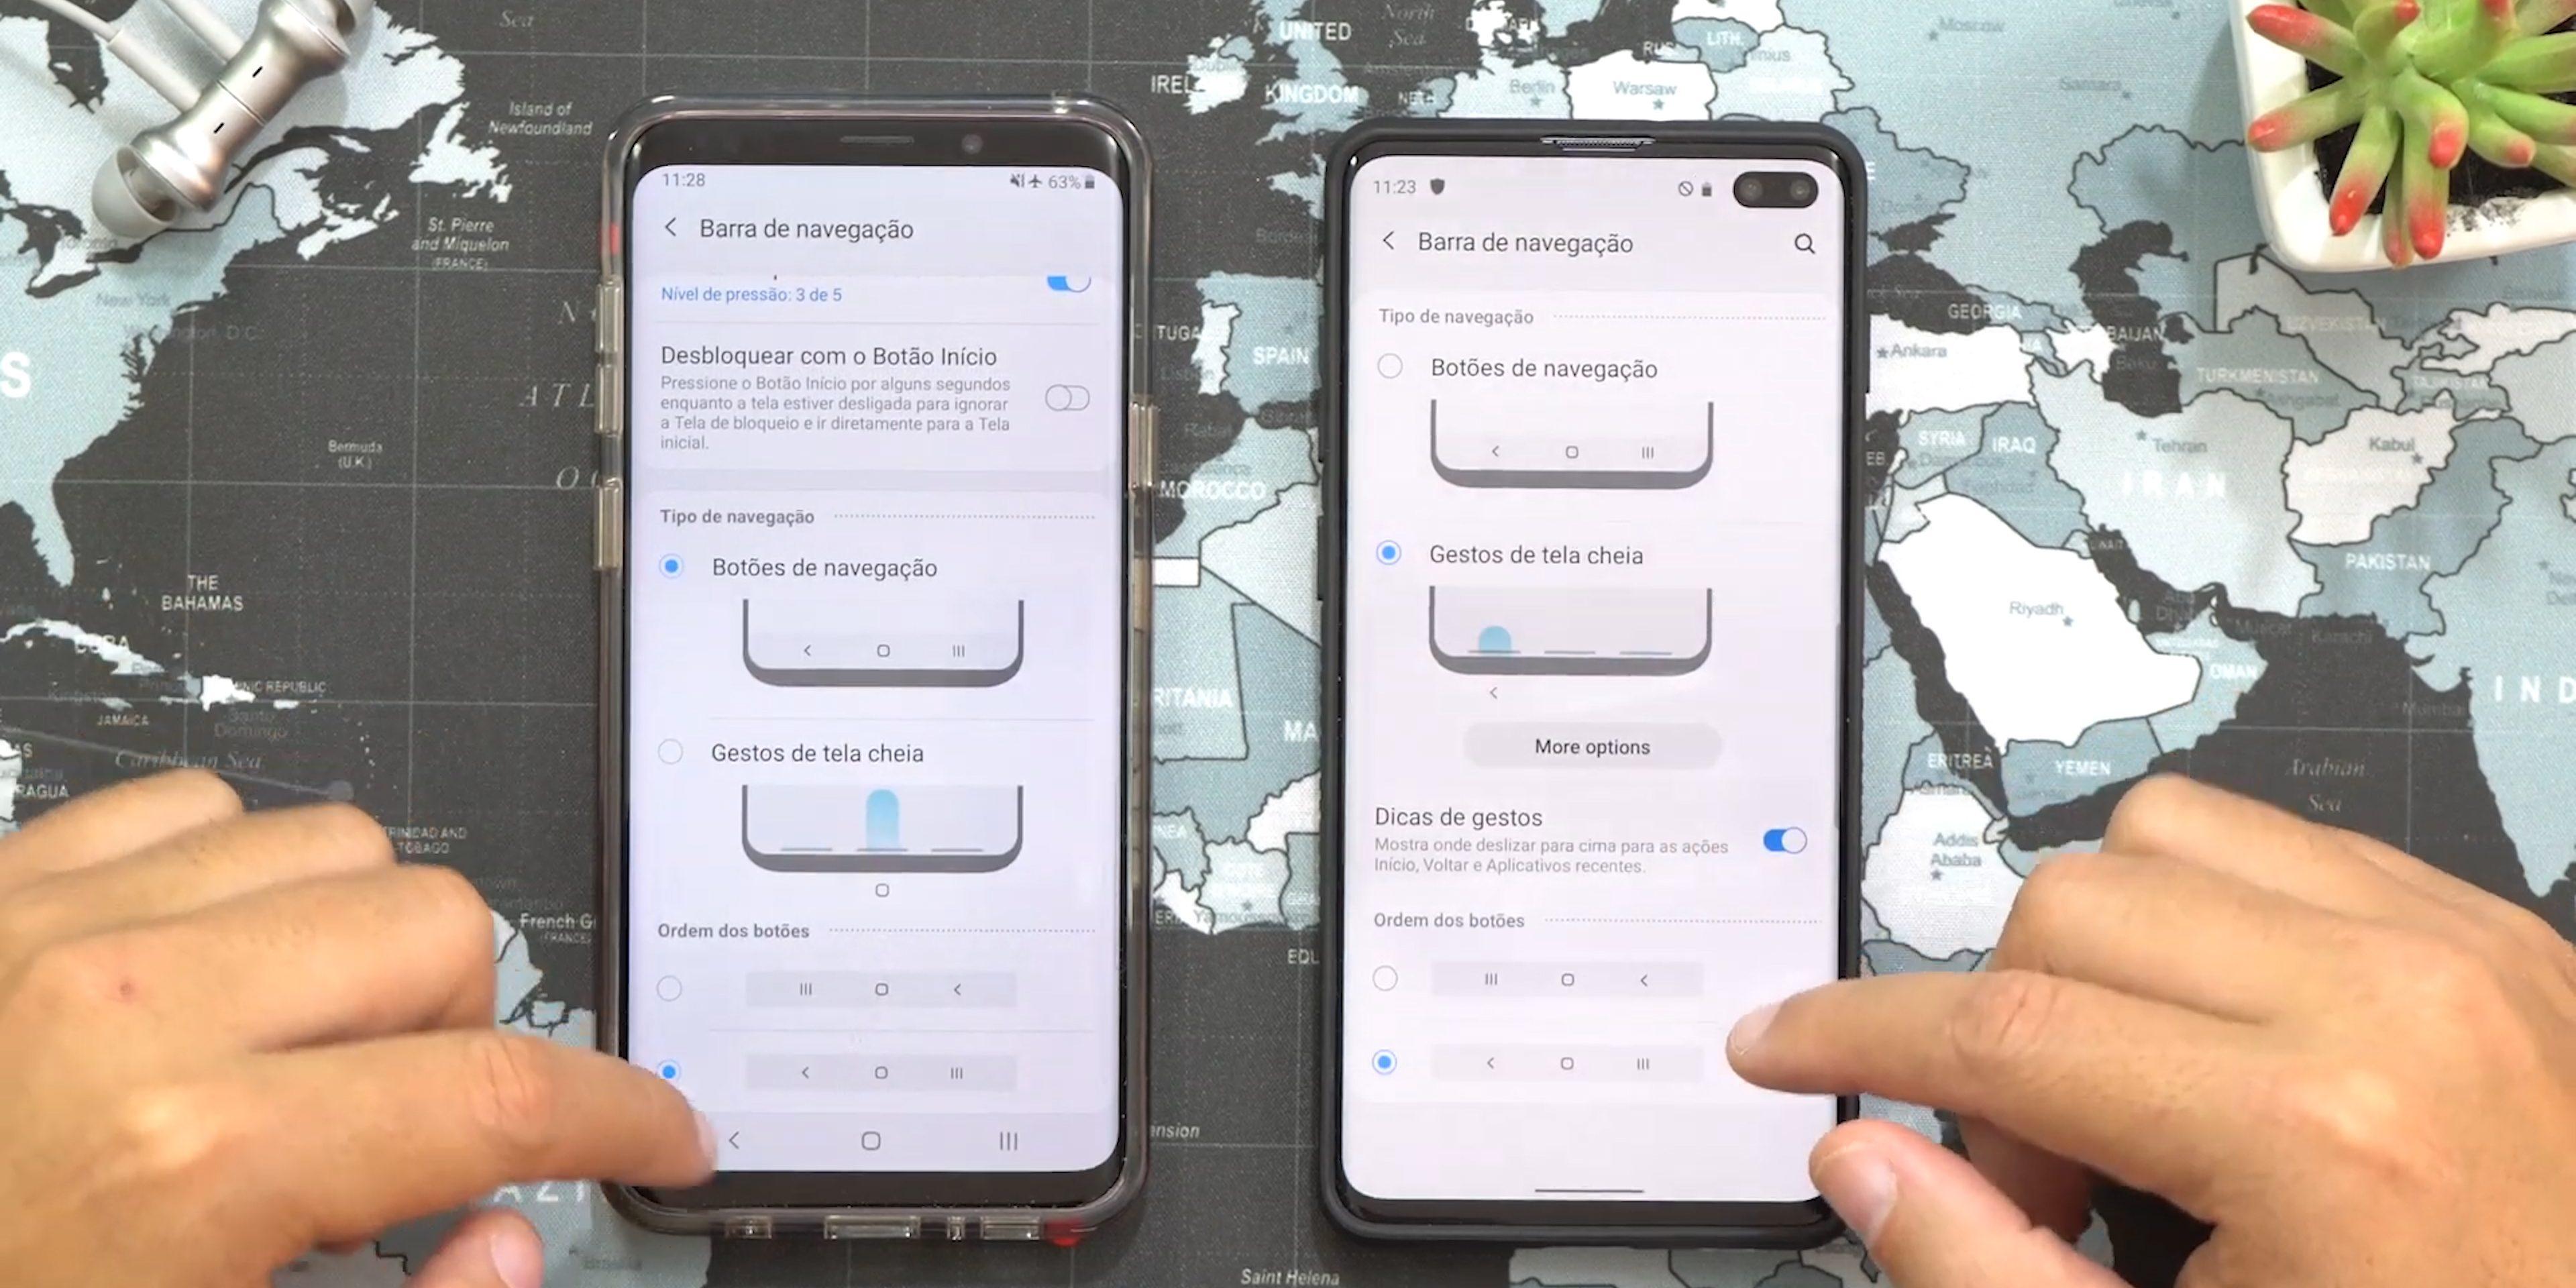 Bir kullanıcı arayüzü 2.0 Android 10 Samsung hareketleri Galaxy S10 +